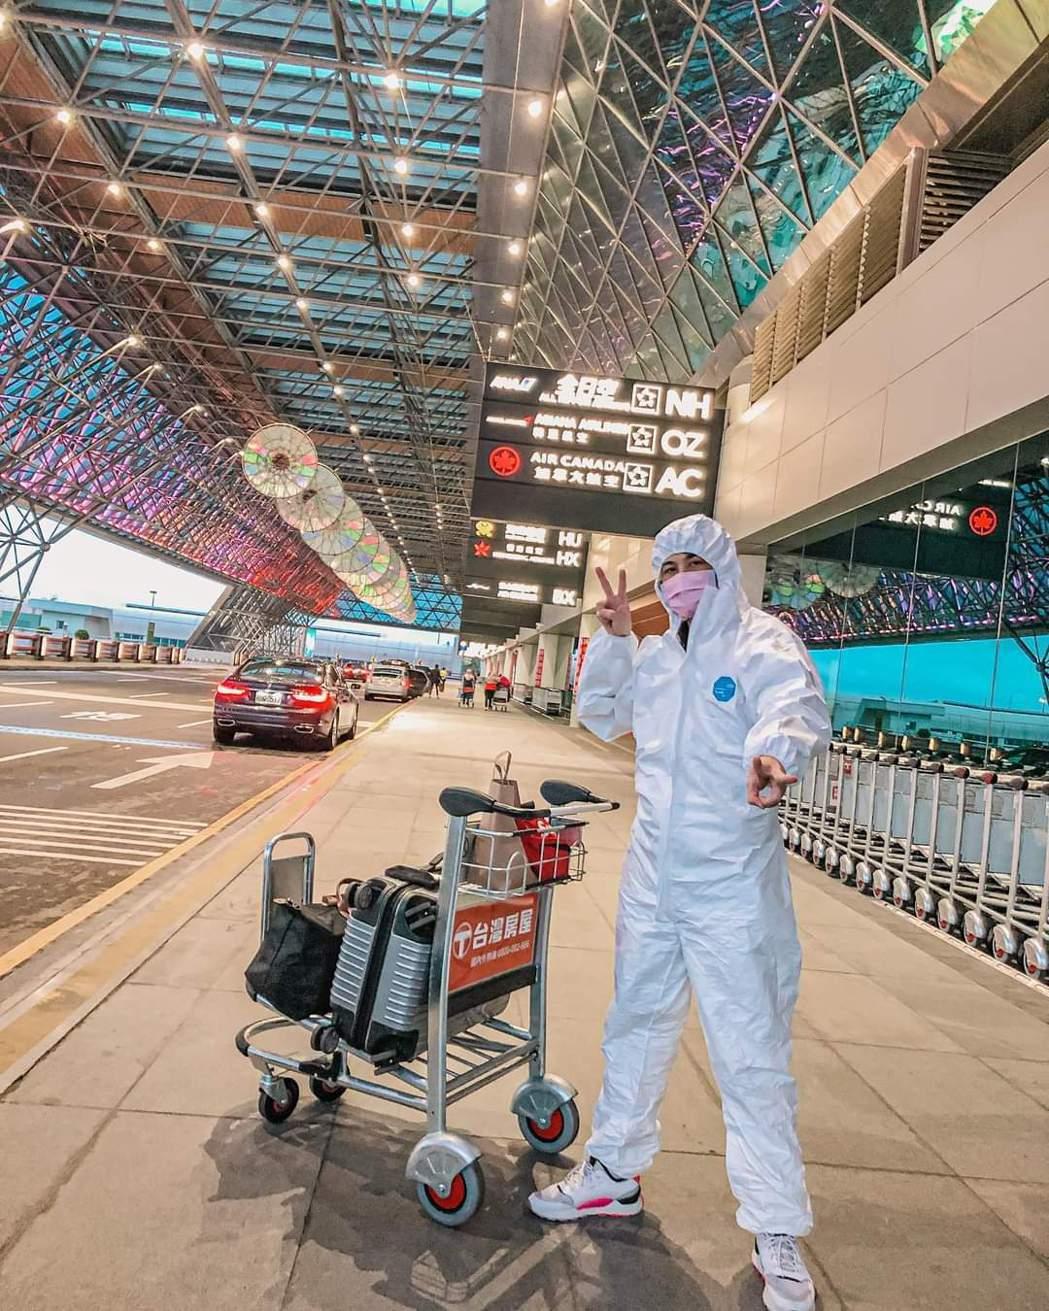 曾子益包緊緊前往香港。圖/摘自臉書